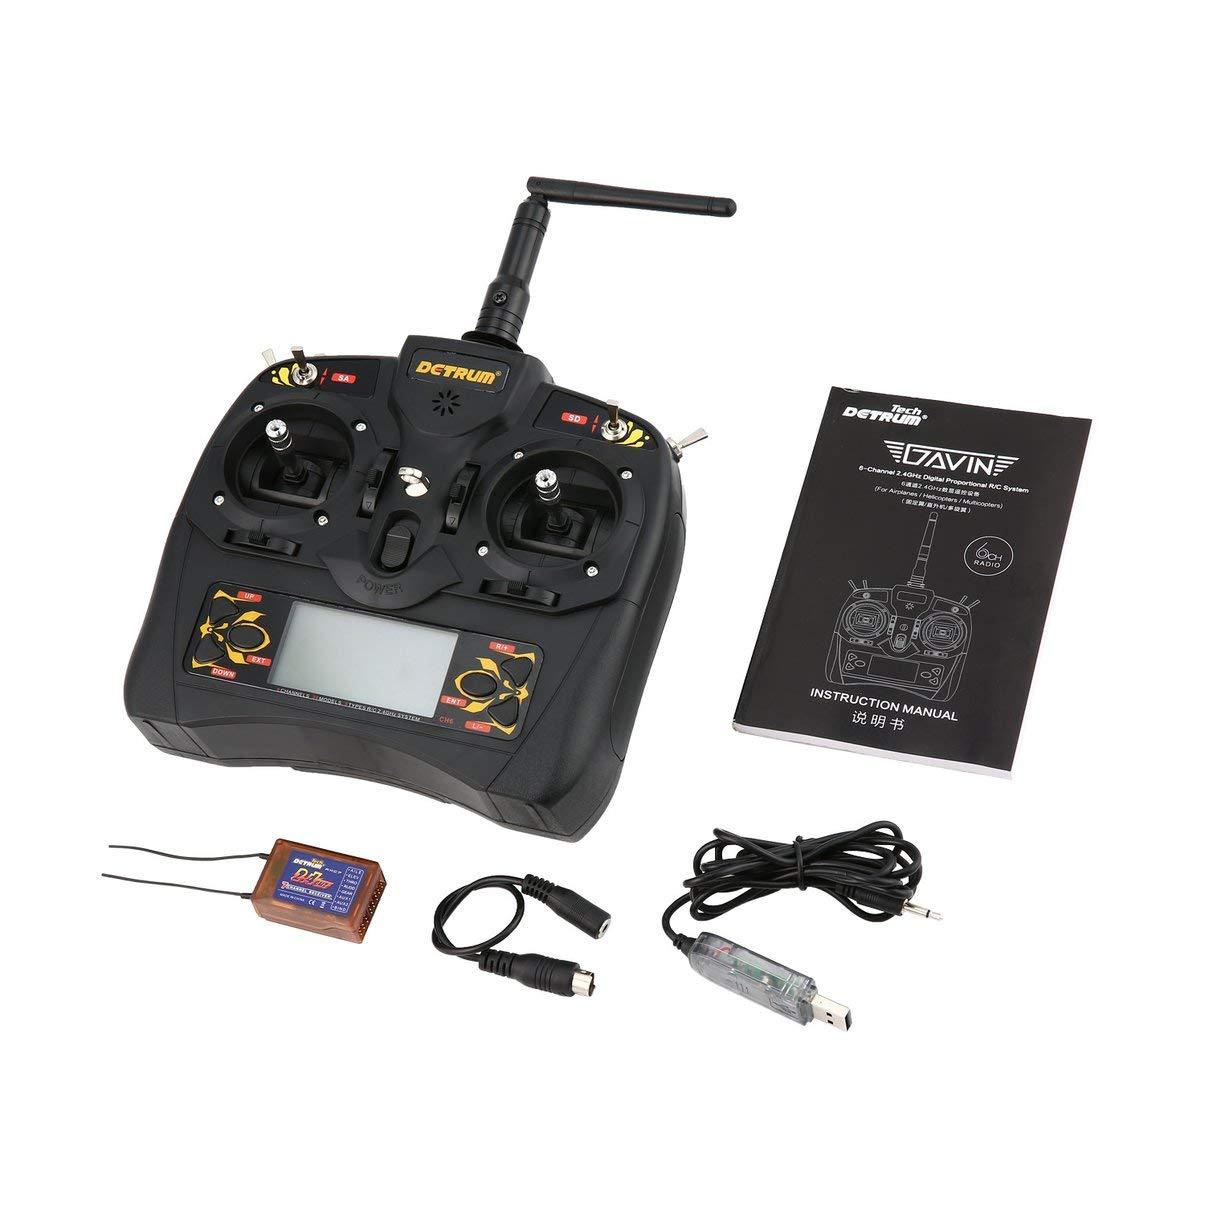 JullyeleDEgant Detrum Gavin 6C 6 Kanal 2,4 G Digitalfernbedienung + RXC7 Empfänger + USB Verbindungsleitung für RC Flugzeug Stiefel Modell